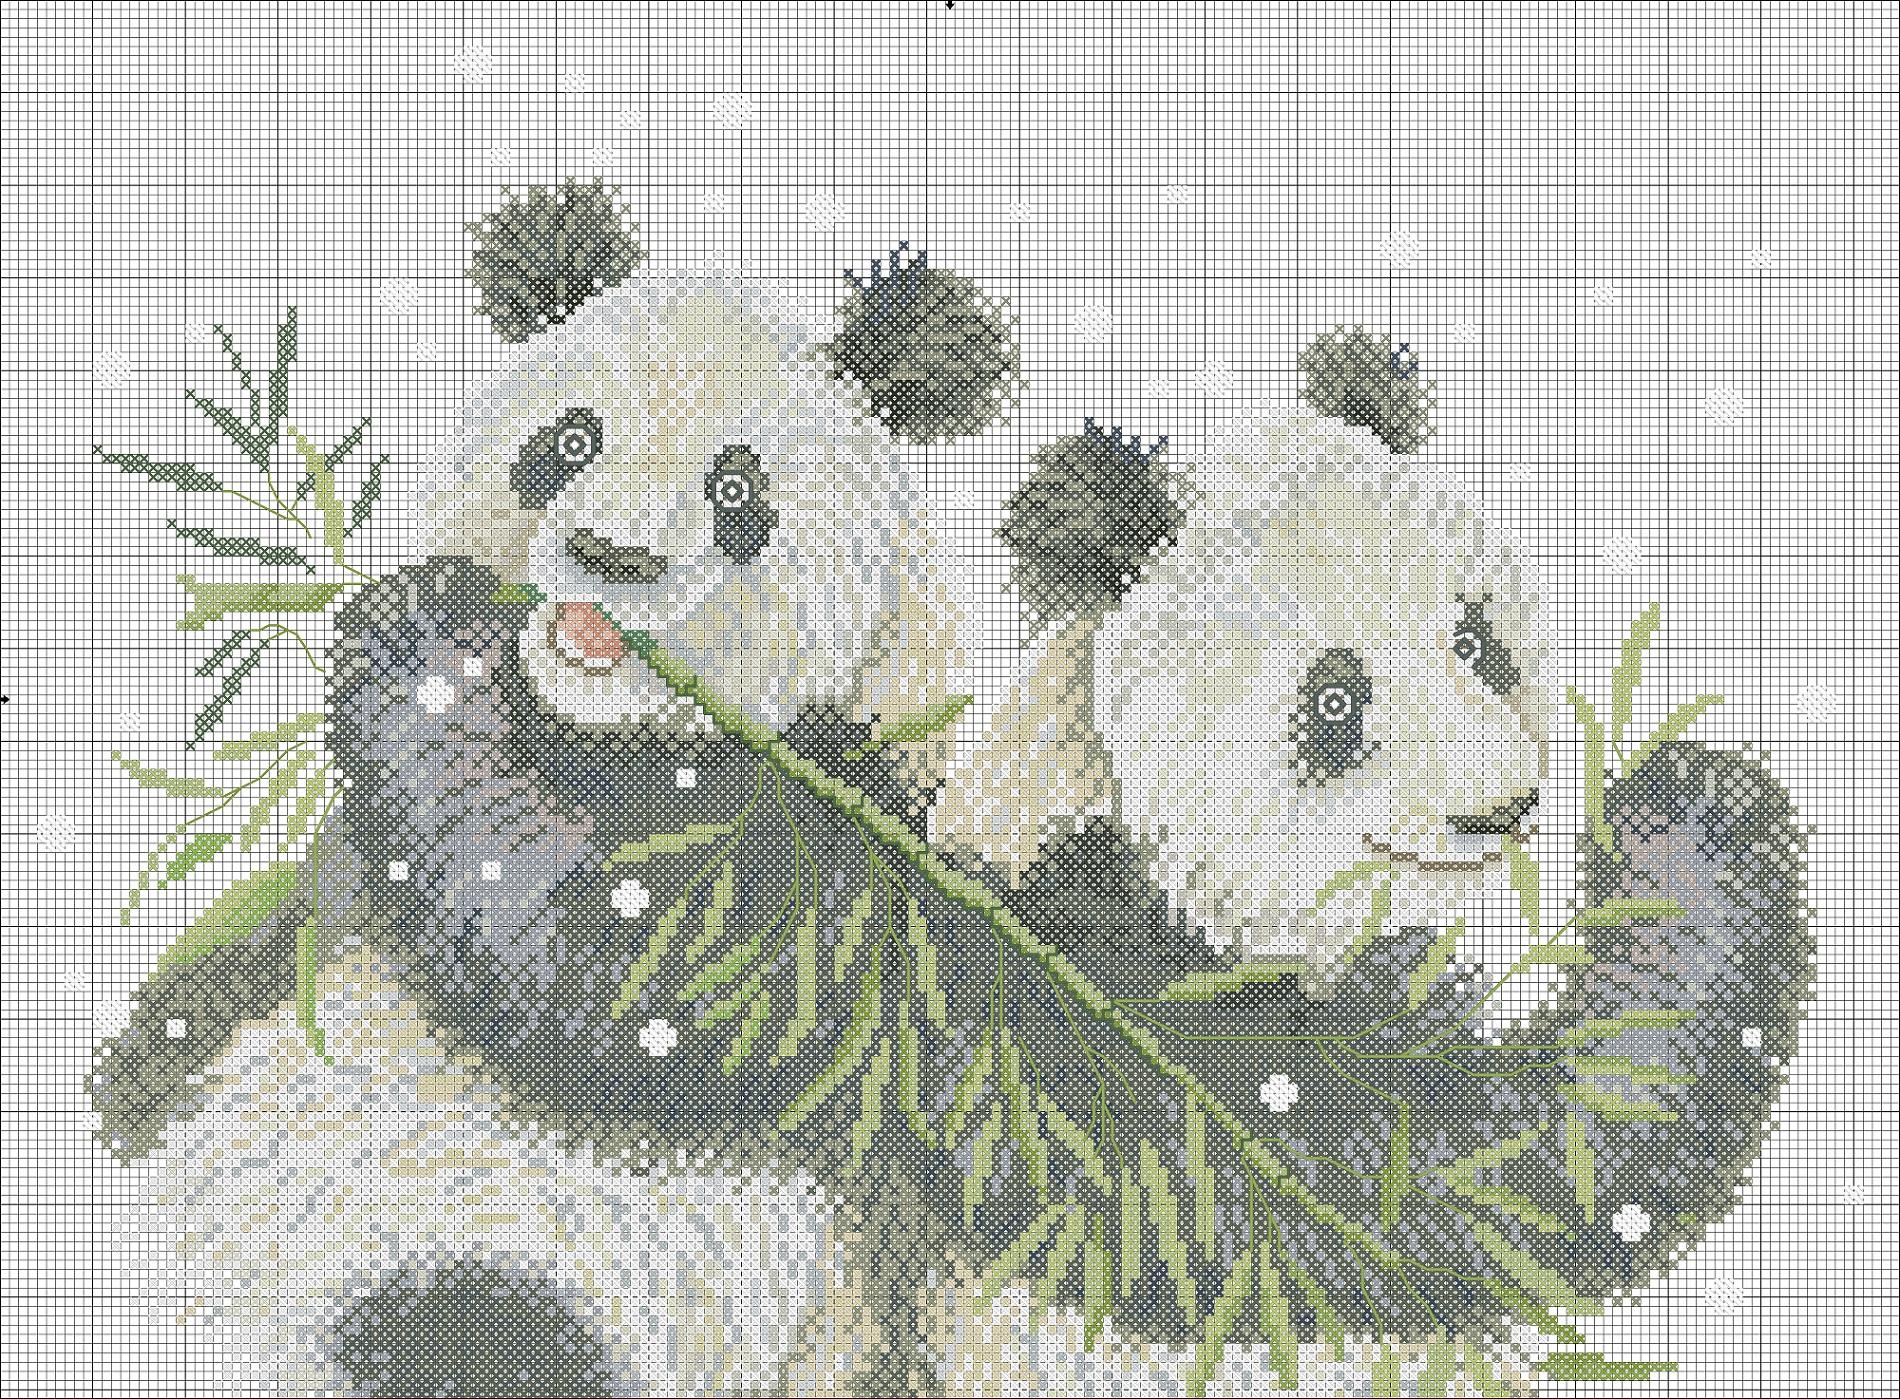 Панда схема вышивки скачать